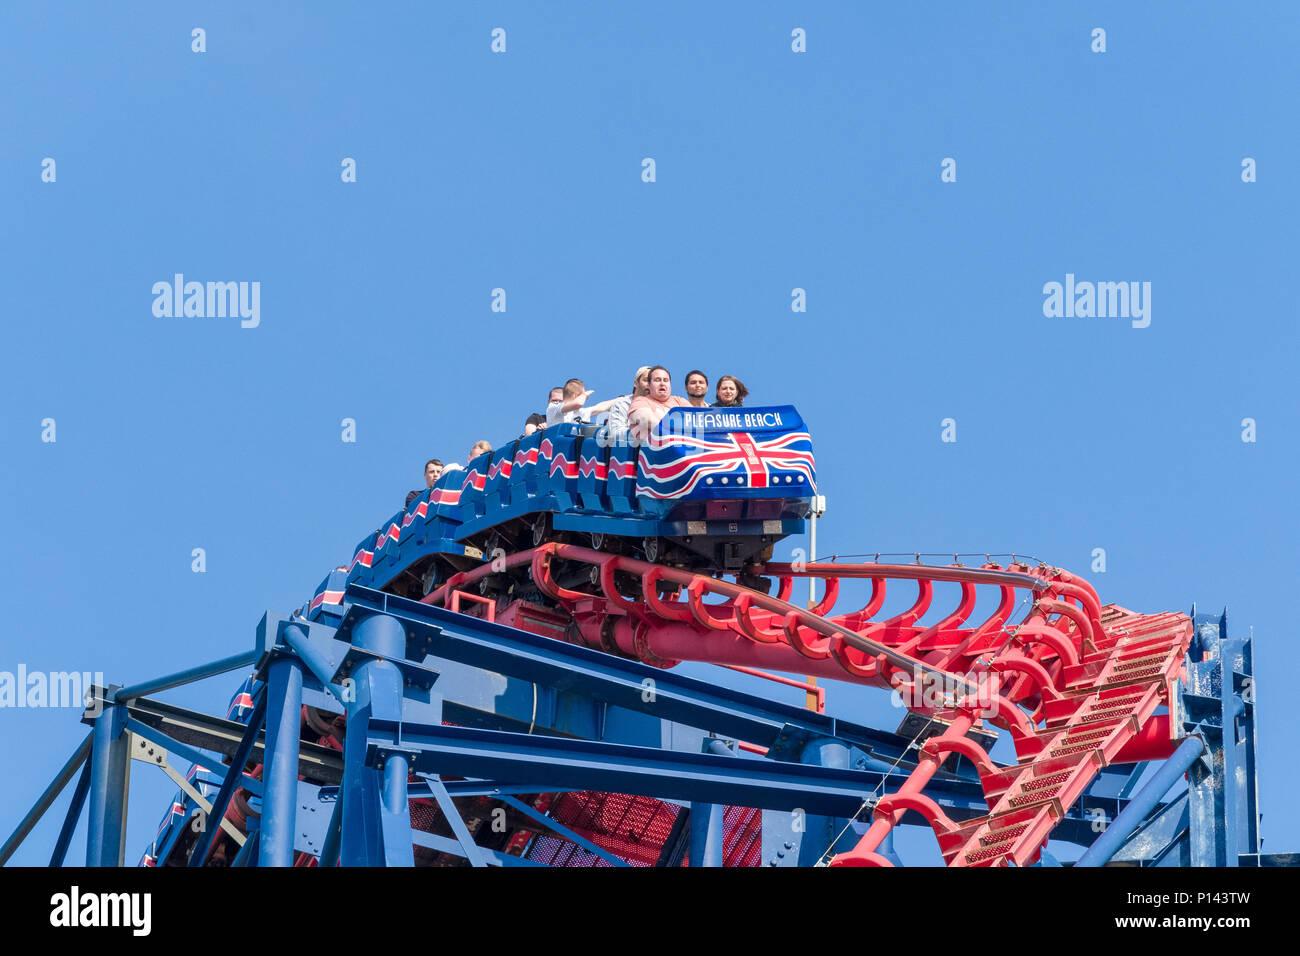 Persone in cima al Big One roller coaster, Blackpool Pleasure Beach, Lancashire, Inghilterra, Regno Unito Immagini Stock